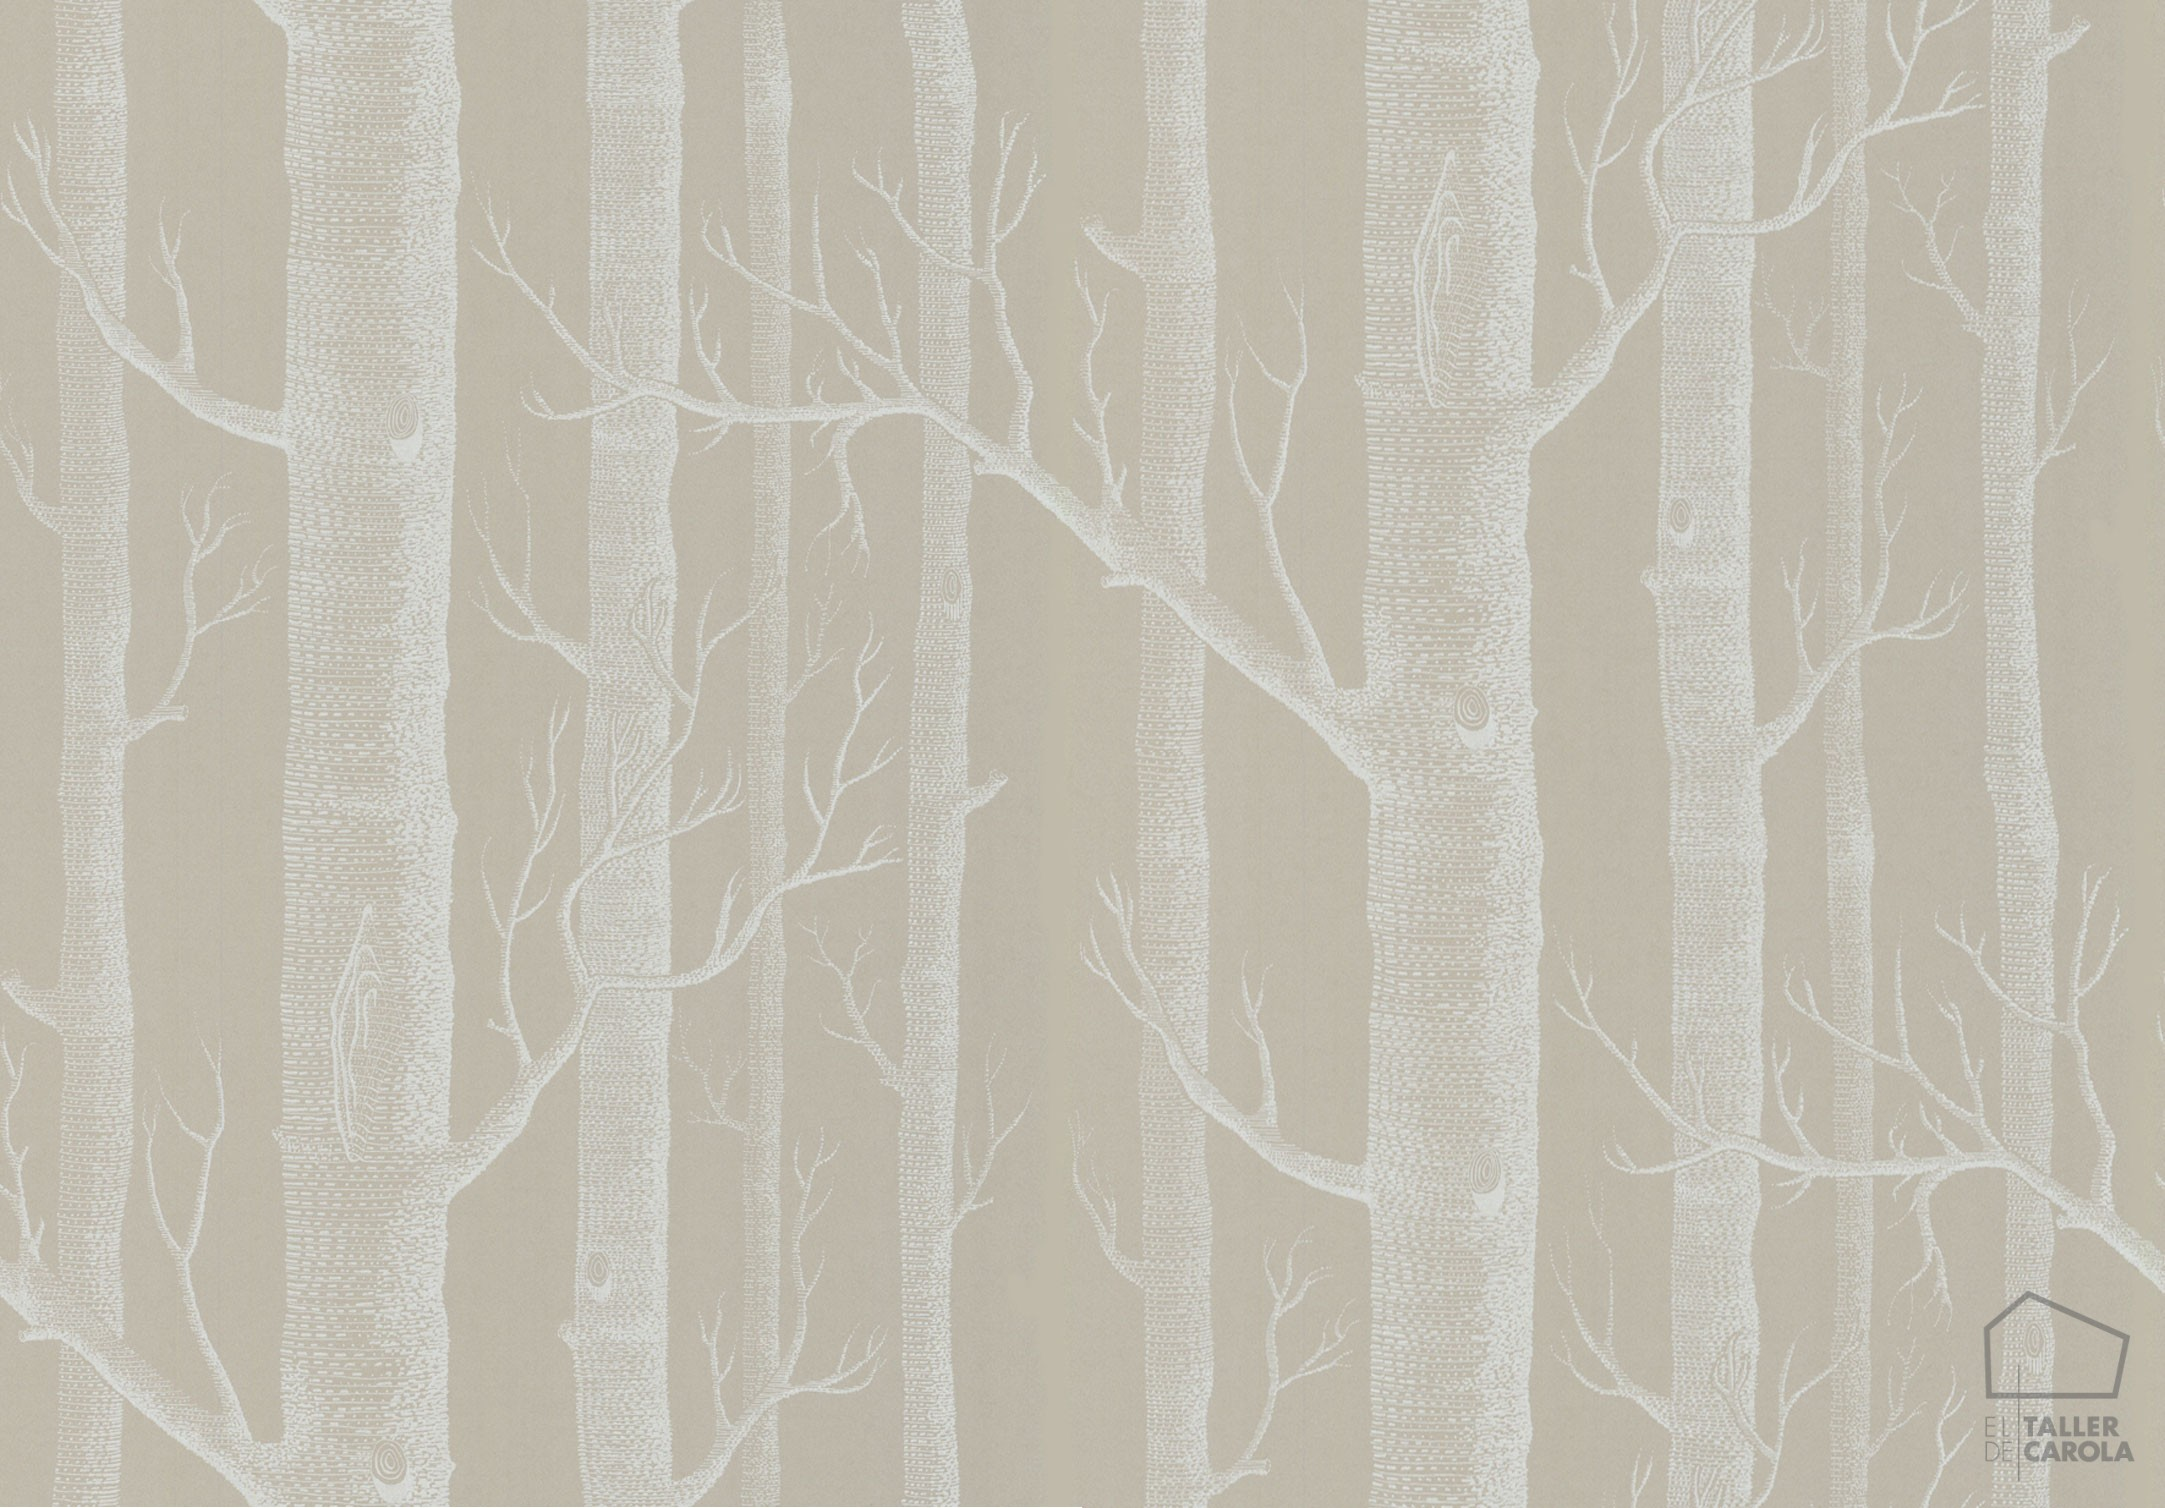 papel-pintado-arboles-cole-and-son083icowoo112-3010